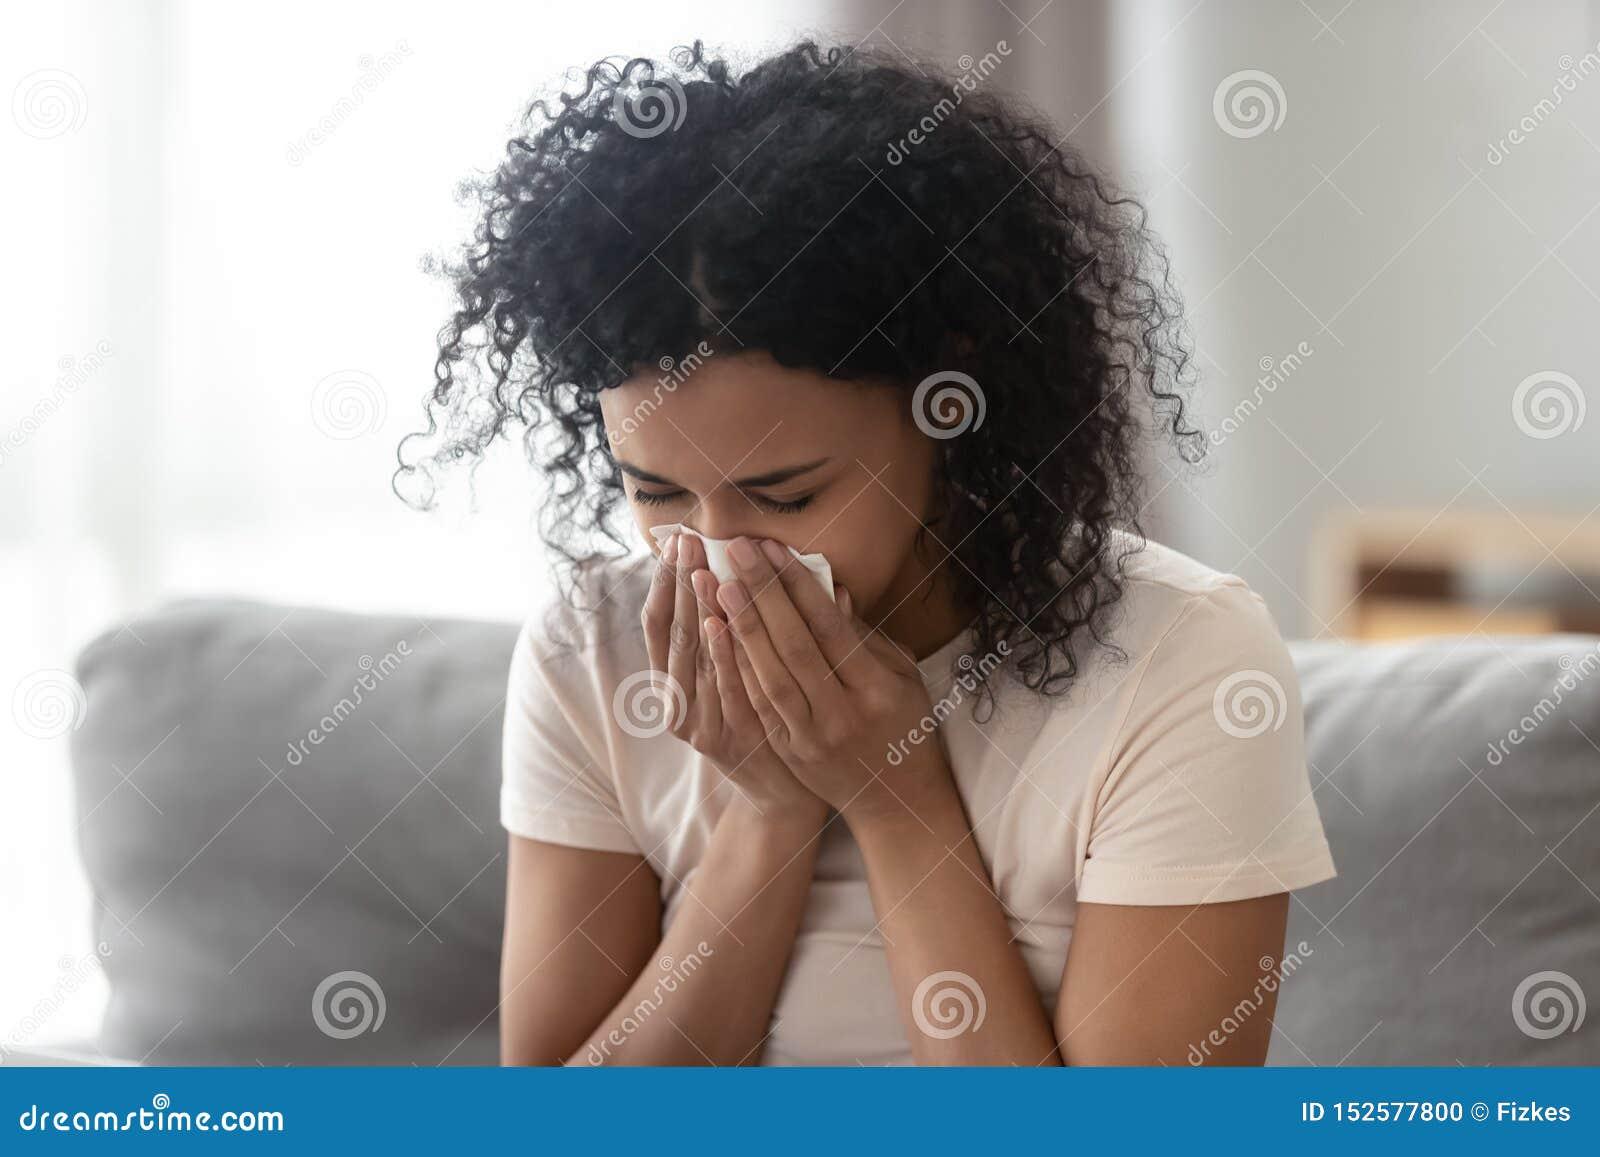 Ανεπαρκής αλλεργική αφρικανική φυσώντας μύτη γυναικών στον ιστό στο σπίτι